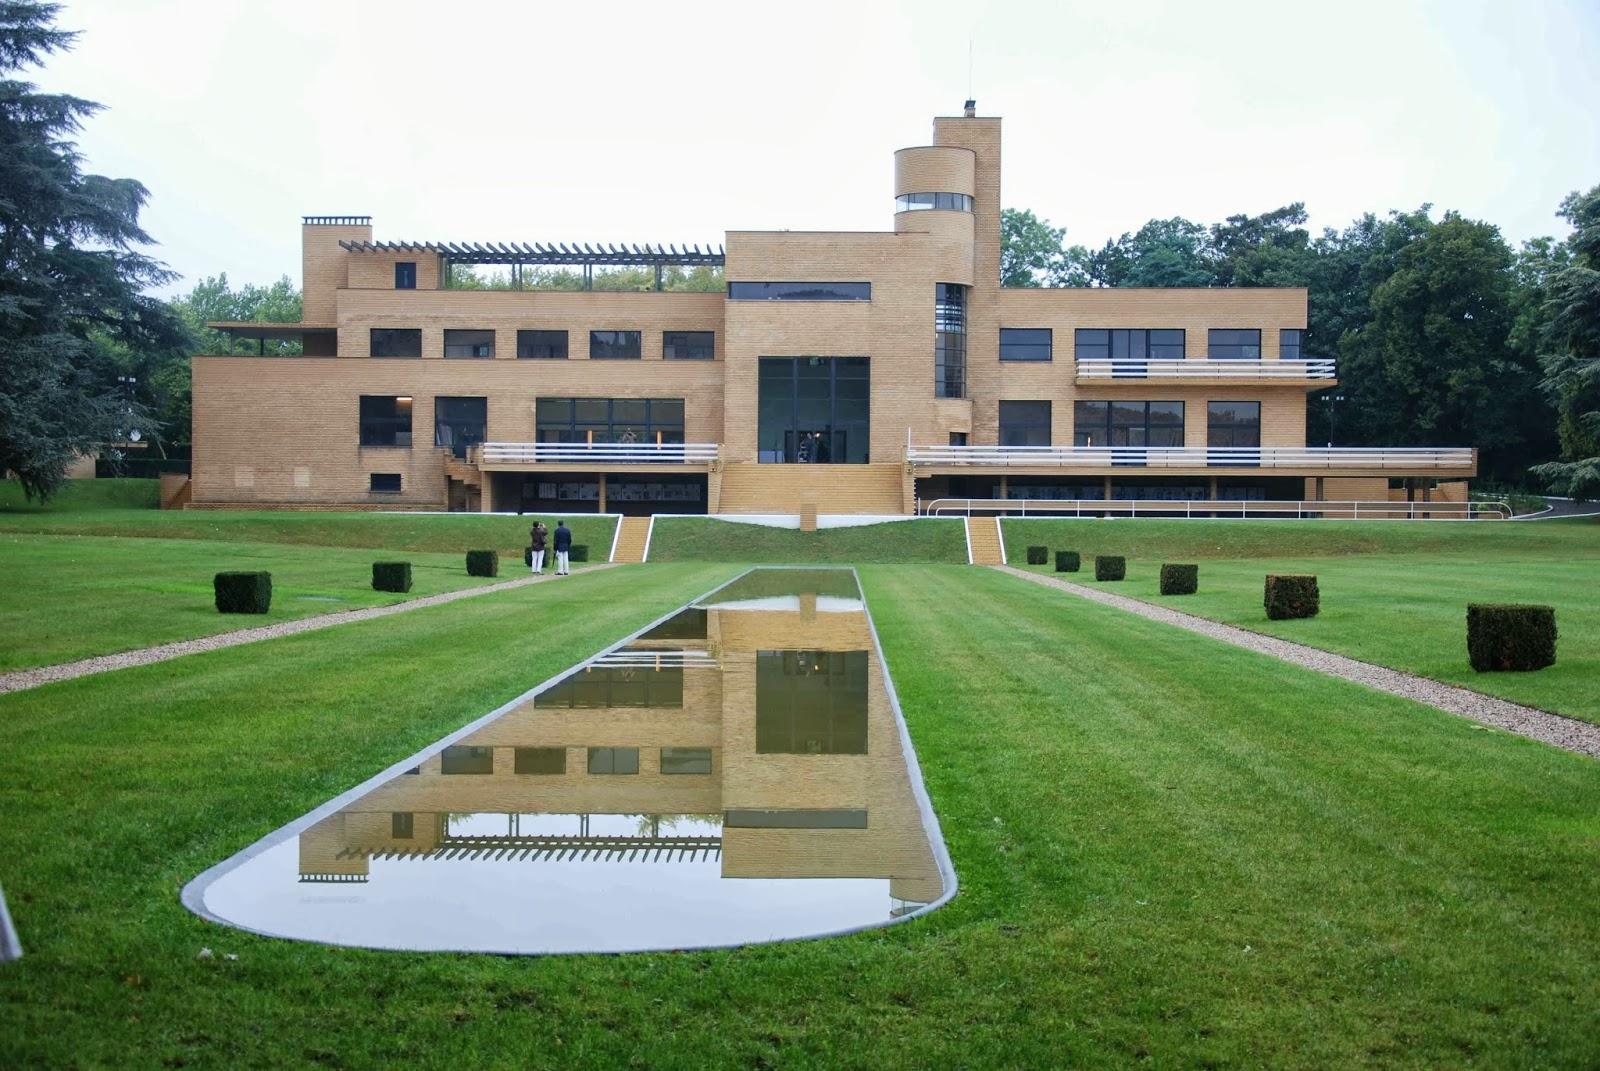 Le parc barbieux dit le beau jardin la villa cavrois de for Villa du jardin singapore